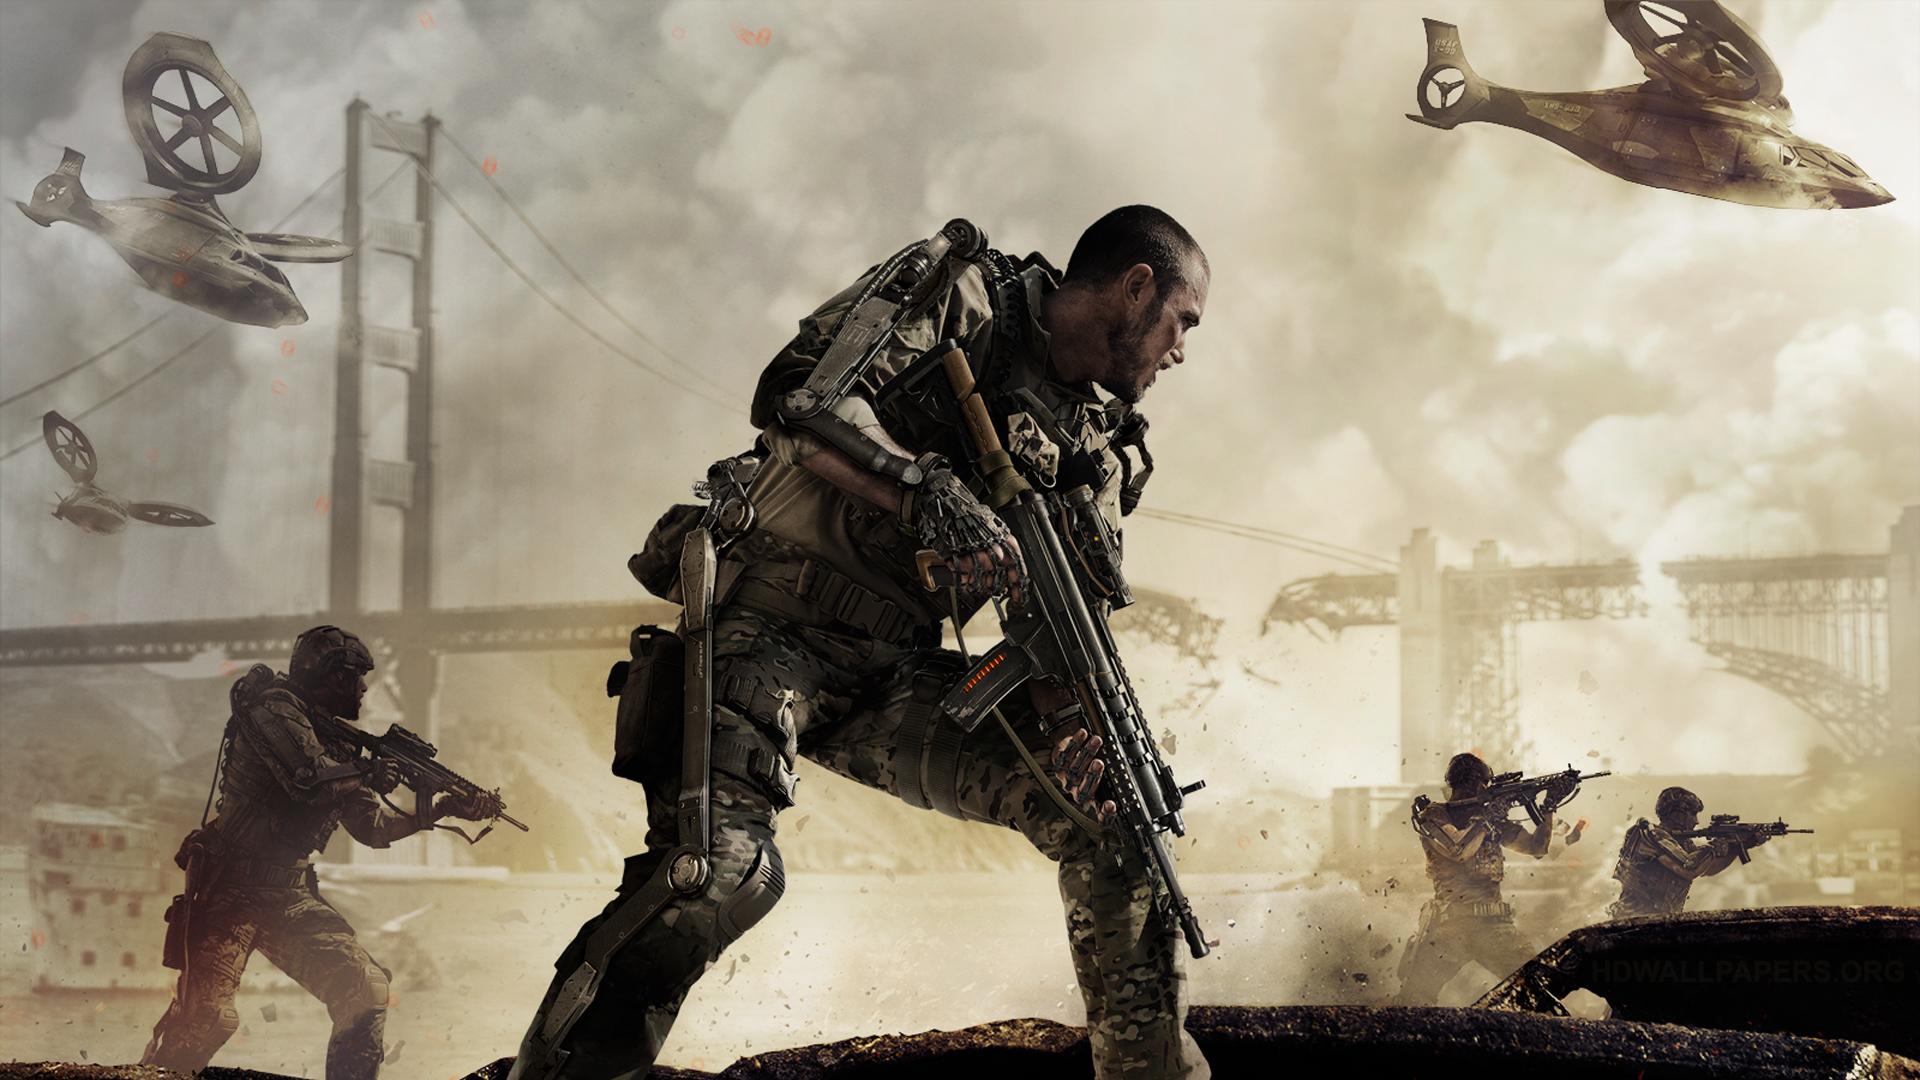 Este teaser de Call of Duty: Infinite Warfare es la primera movida de Activision para ganar atención